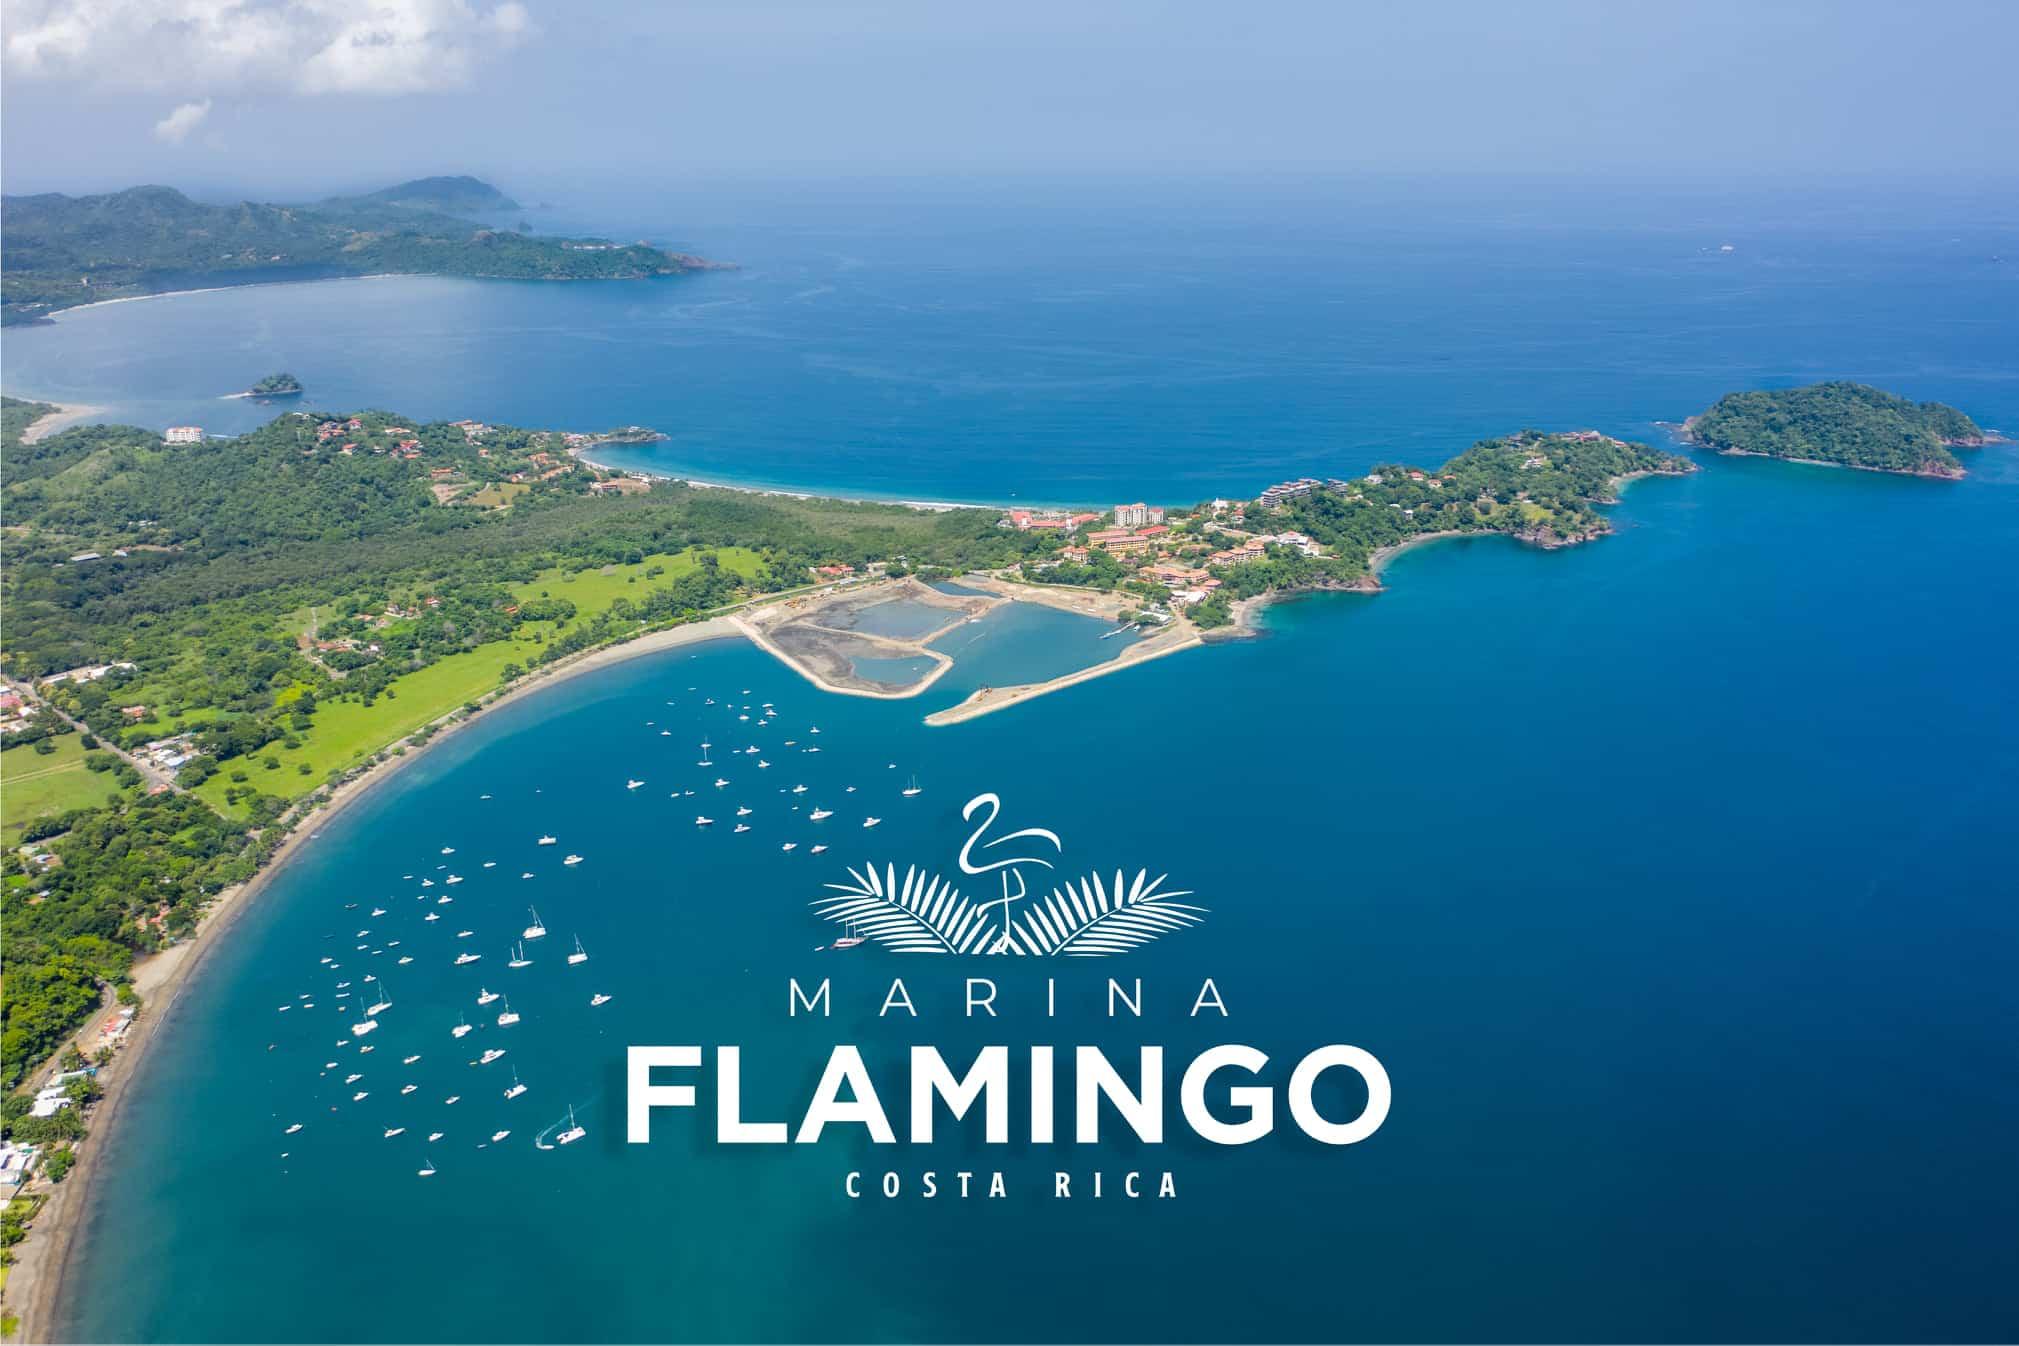 Marina Flamingo